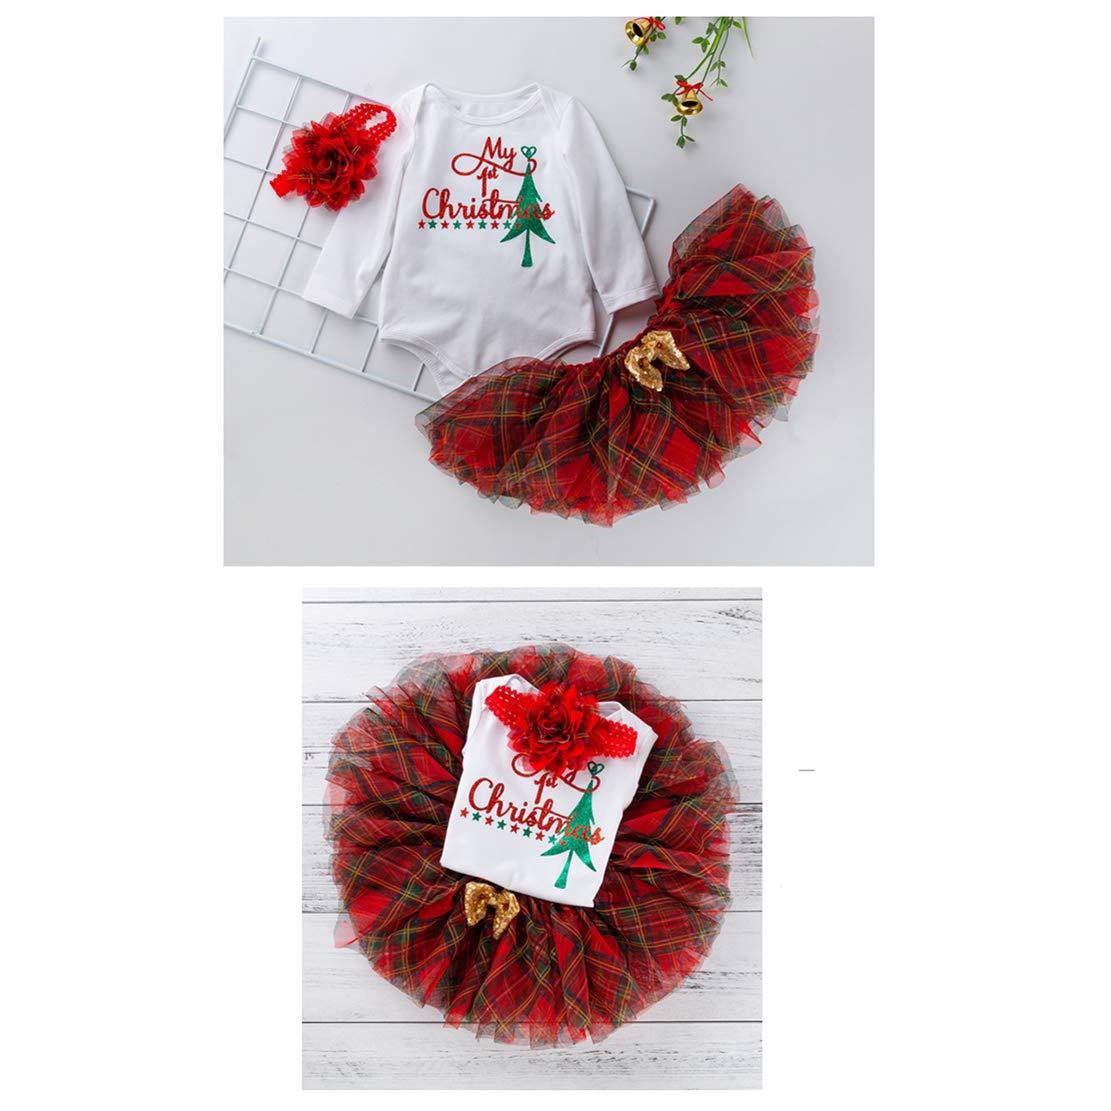 mama stadt 3 St/ück Baby M/ädchen Weihnachten Kleidung Party Langarm Weihnachts Outfits Baumwolle Strampler T/üllrock Stirnband Weihnachtskost/üm